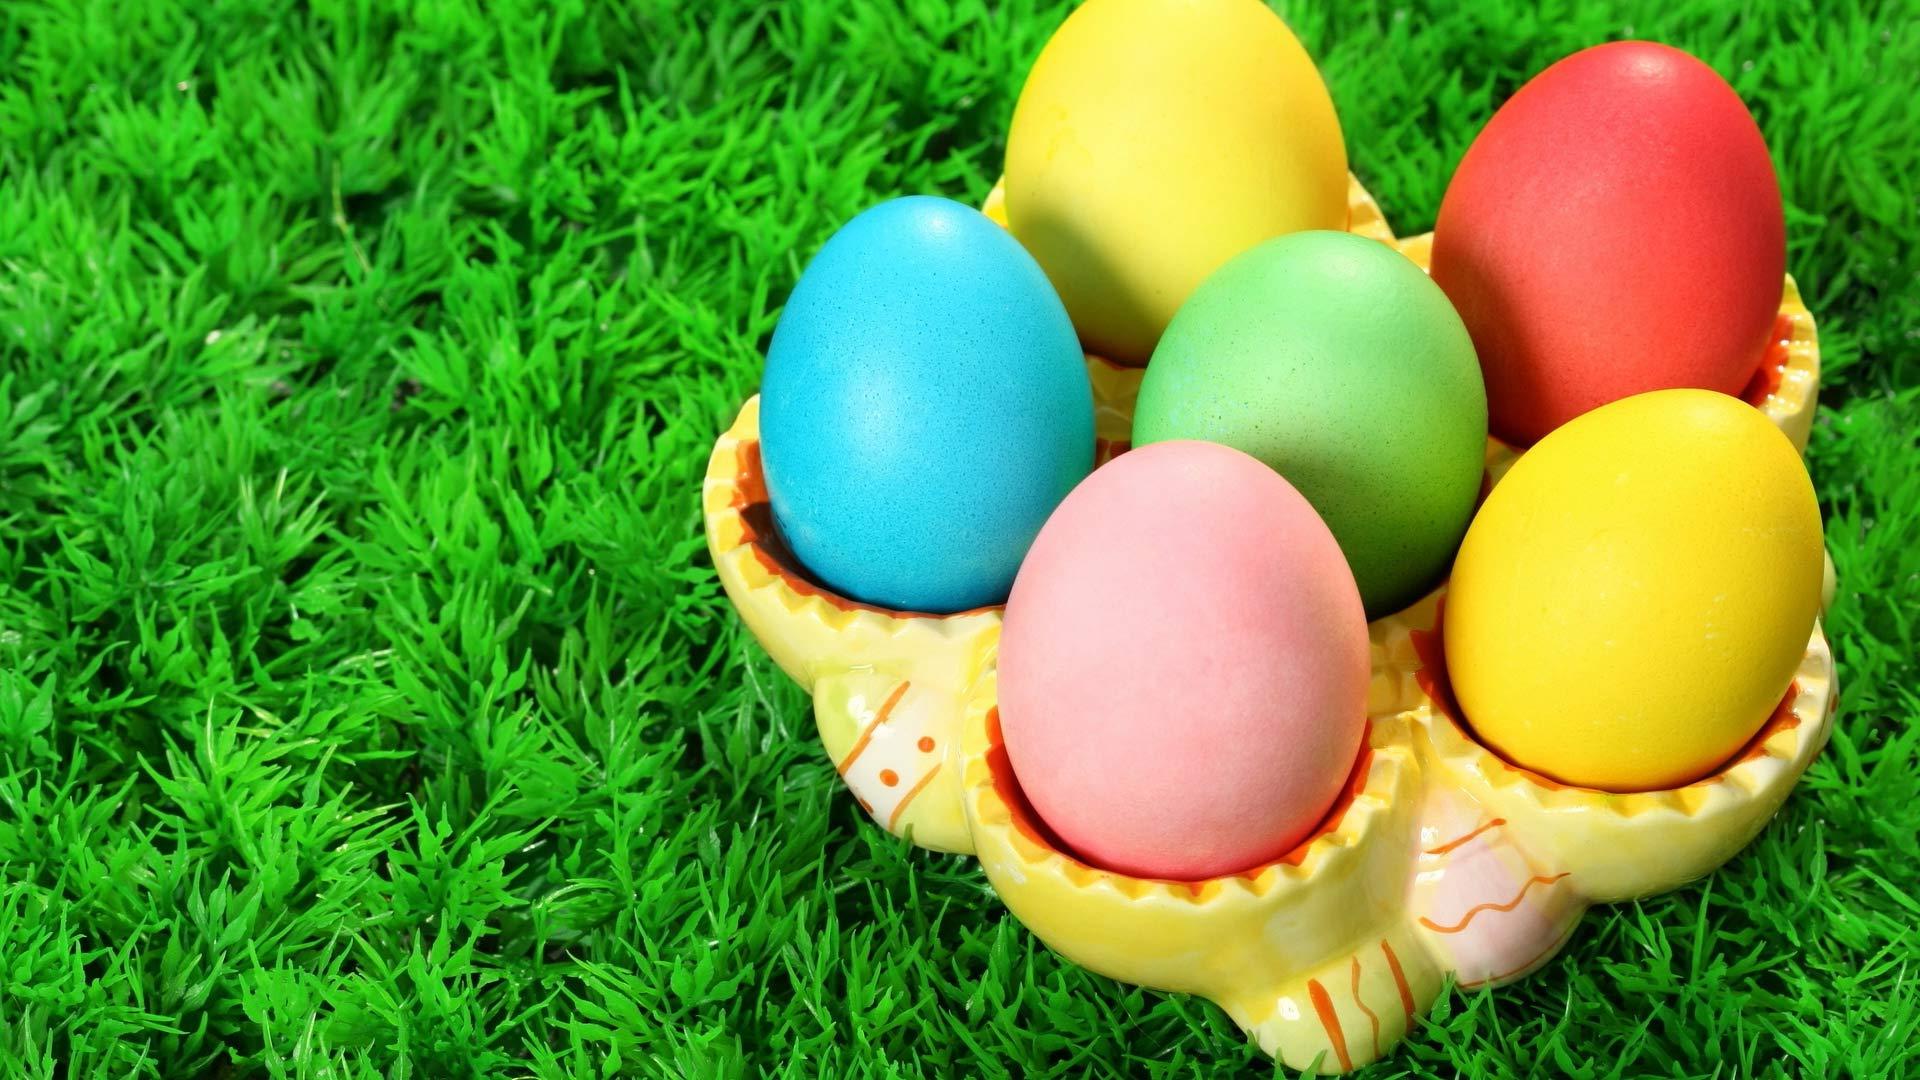 пасхальные яйца  № 1677865 загрузить